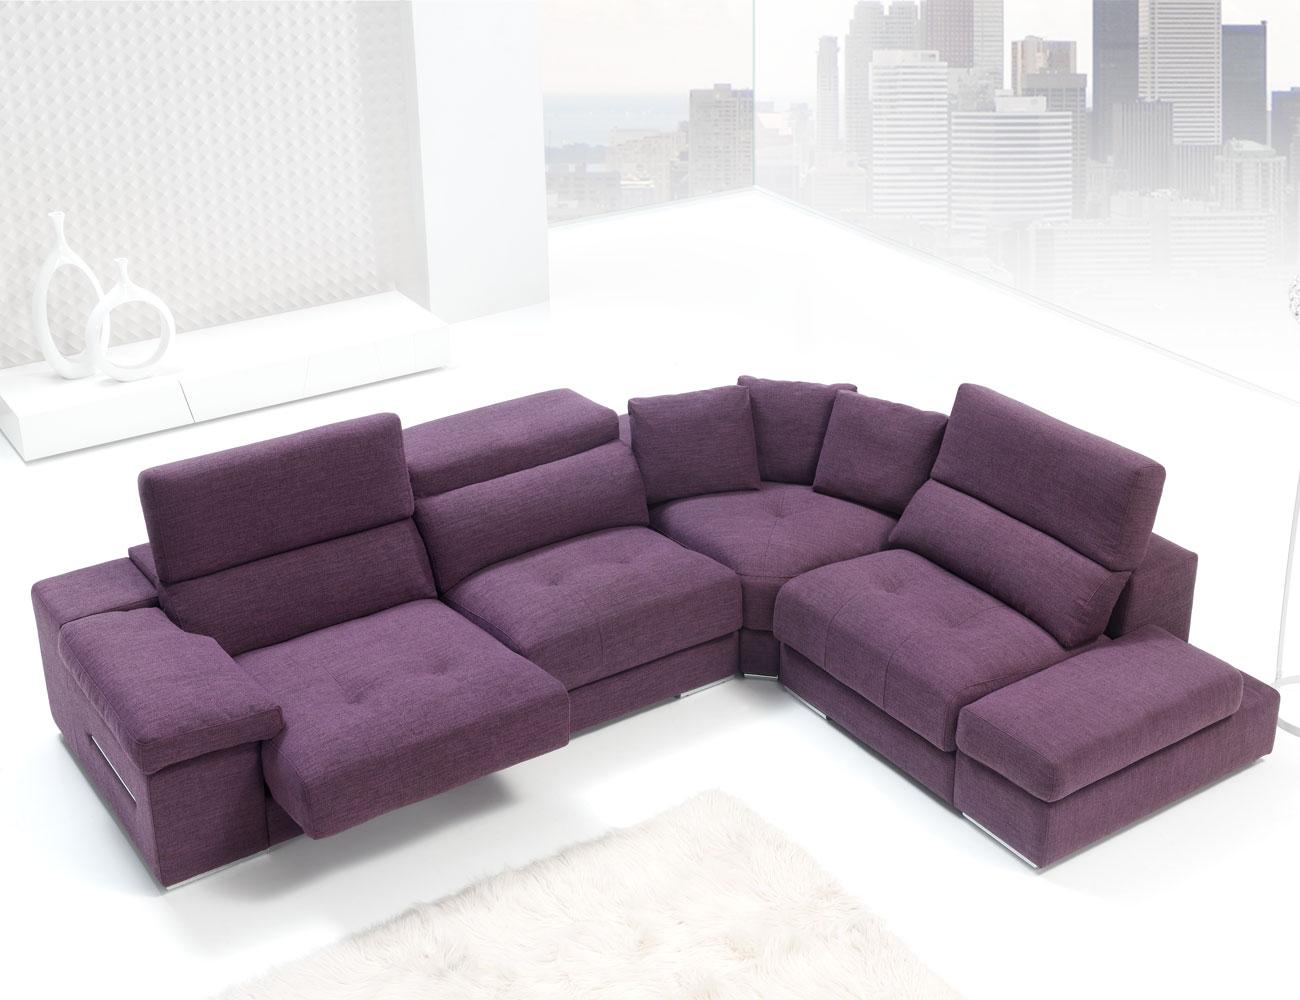 Sofa chaiselongue rincon con brazo mecanico tejido anti manchas 272